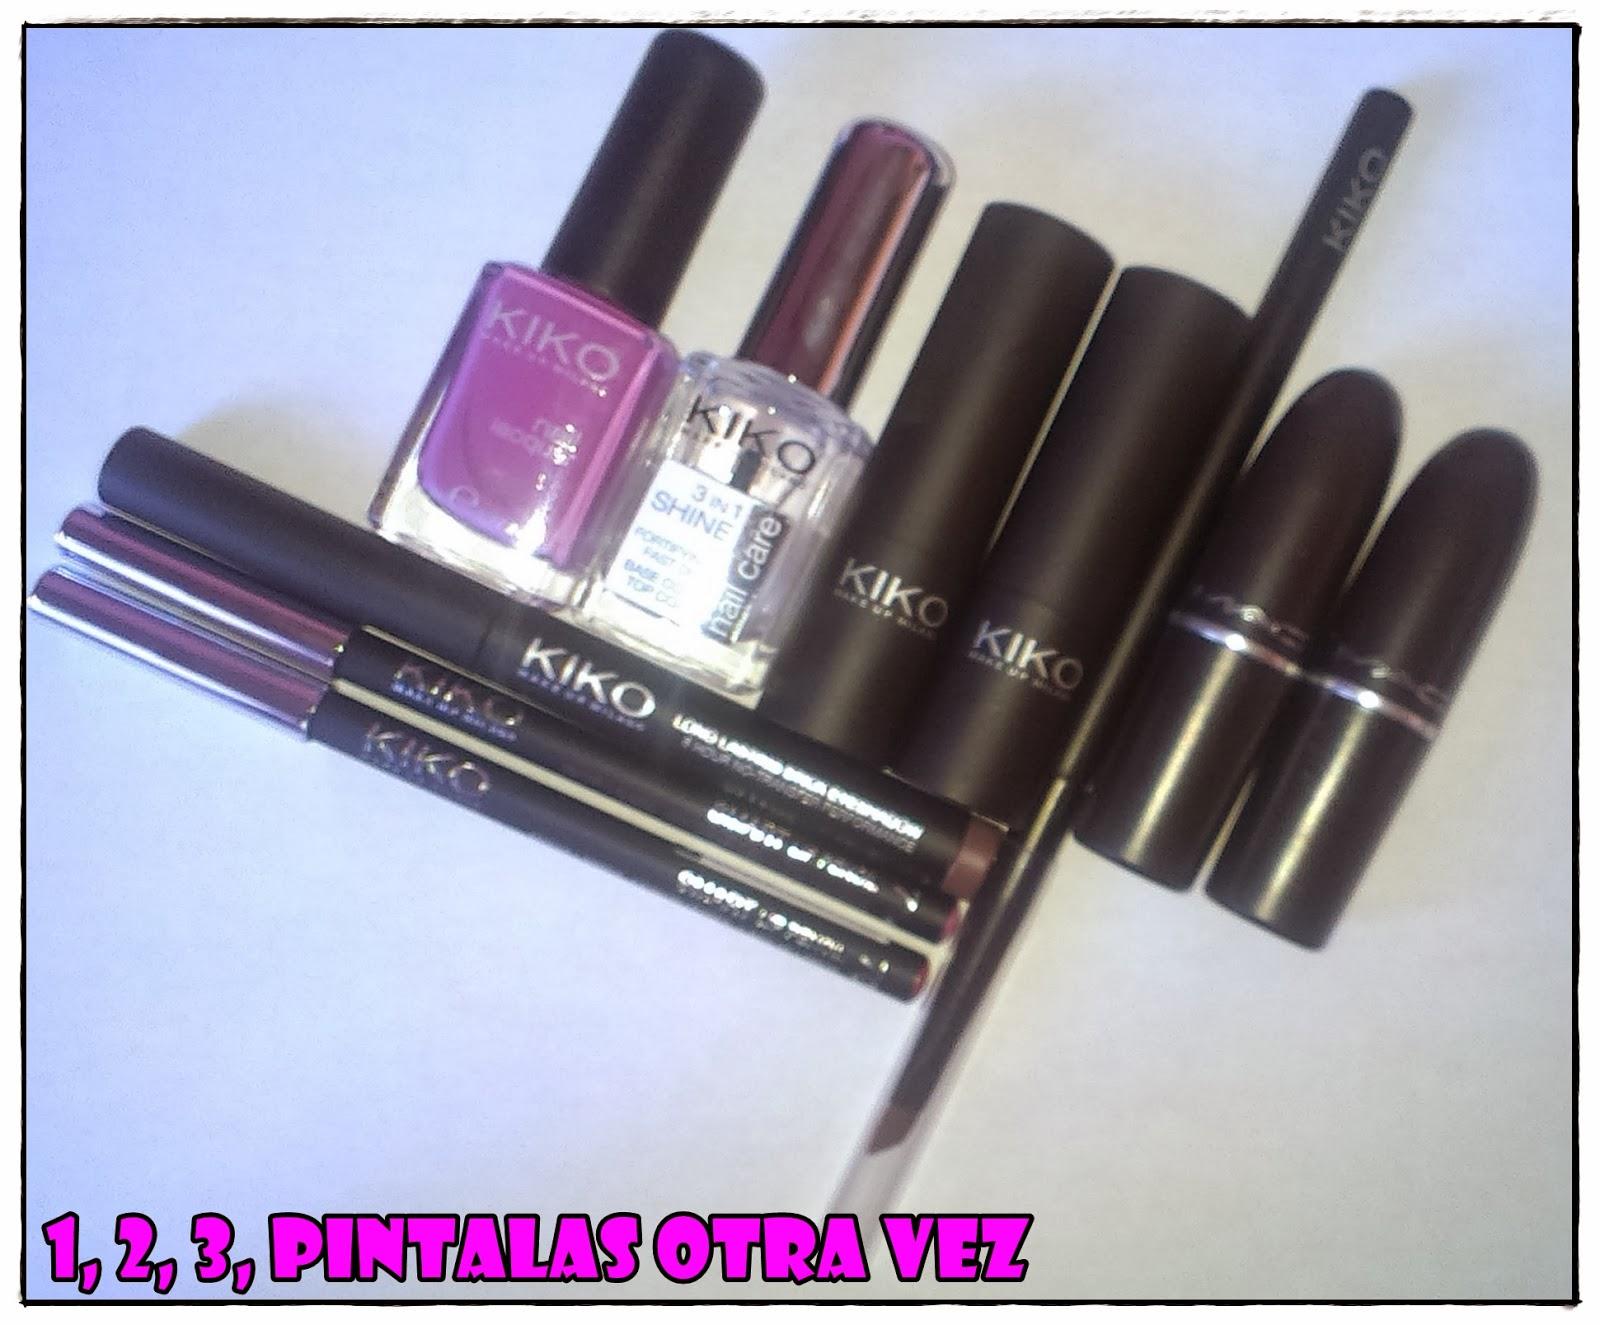 http://quiendijoesmaltes.blogspot.com.es/2014/02/nuevas-adquisiciones-kiko-mac.html